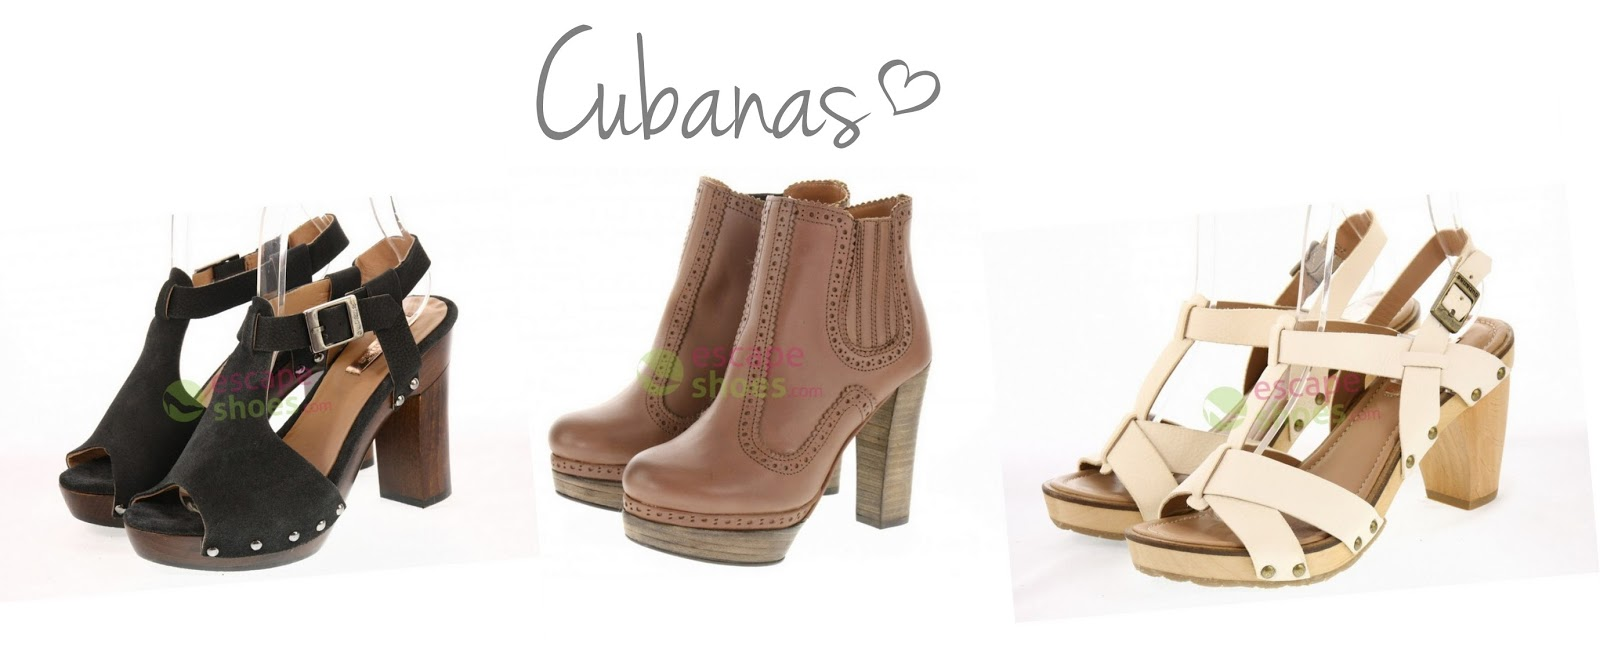 Cubanas Shoes Shop